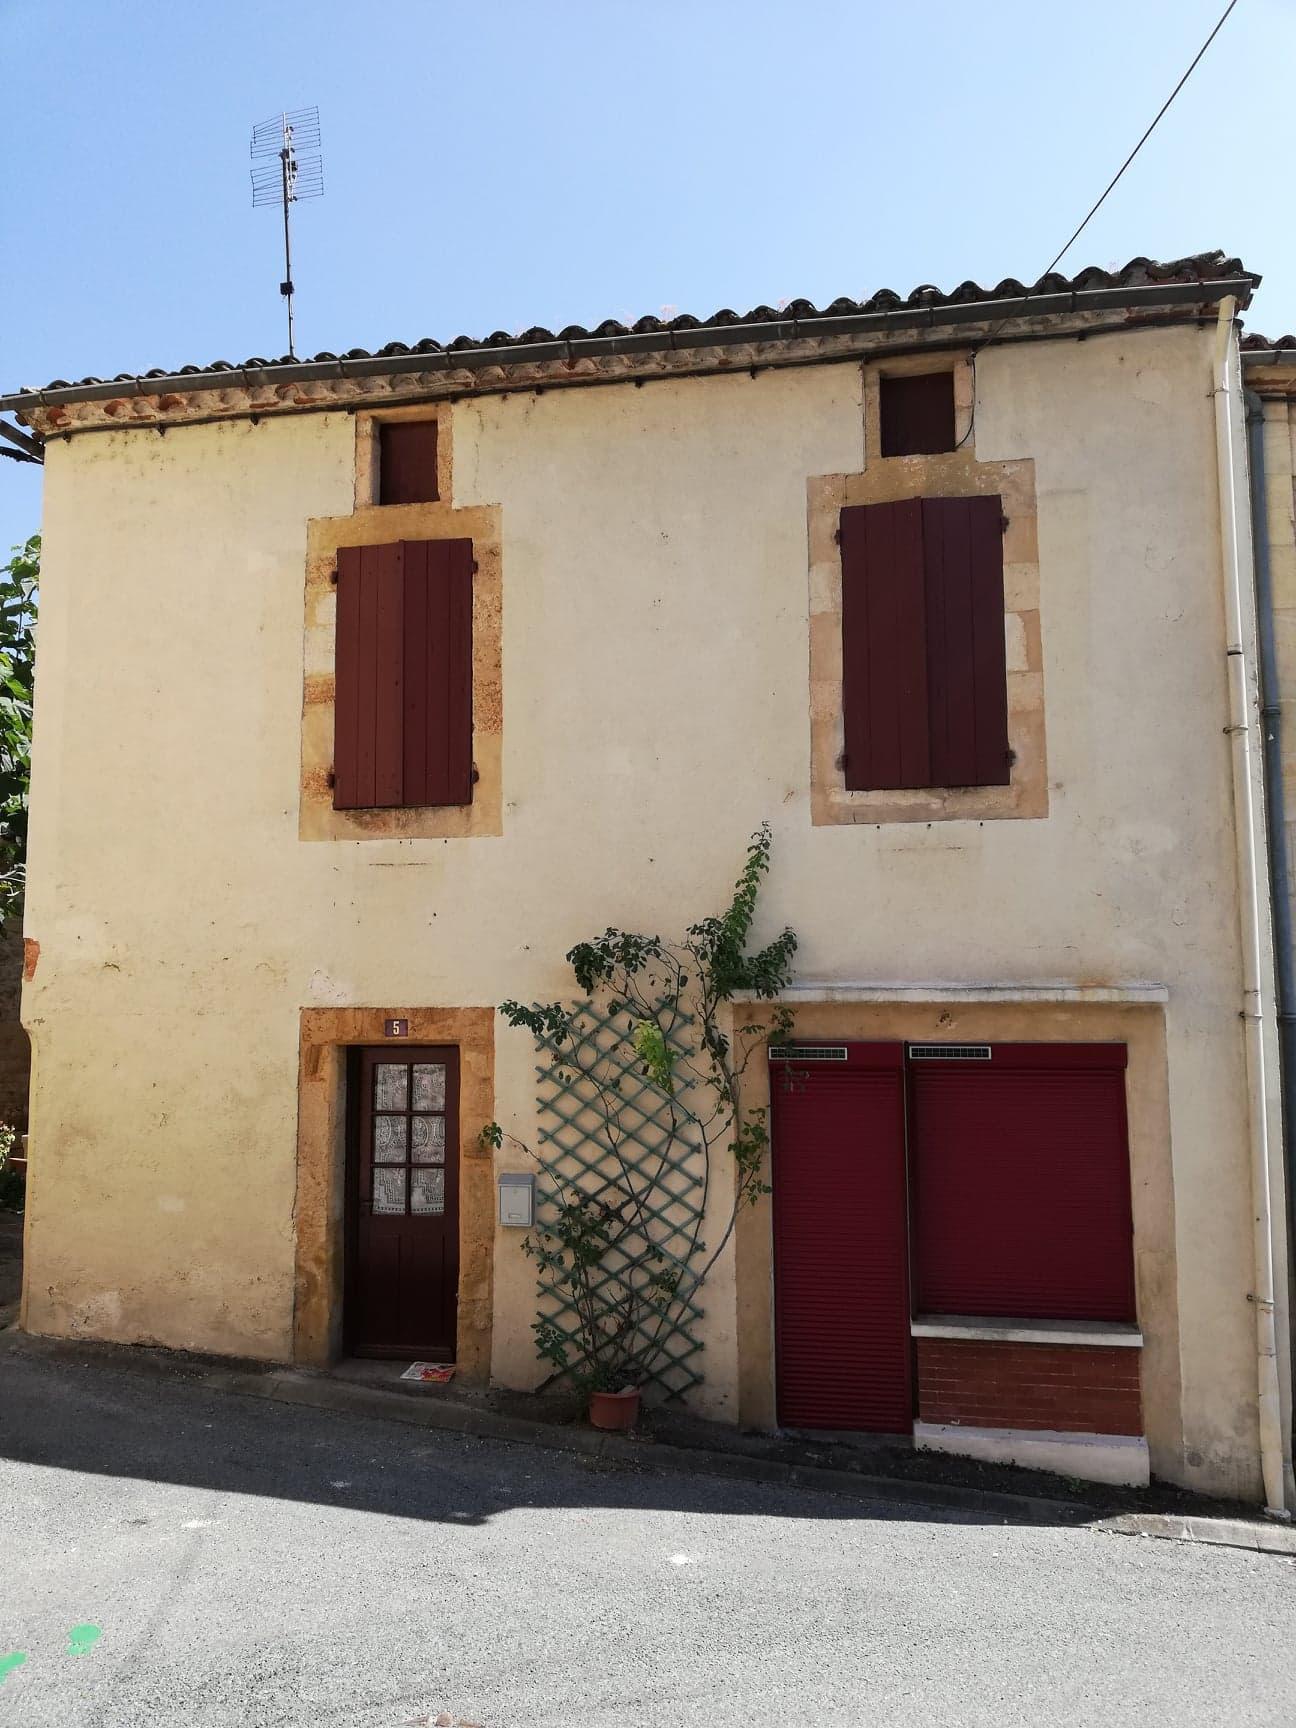 Vente maison/villa 4 pièces monsempron libos 47500